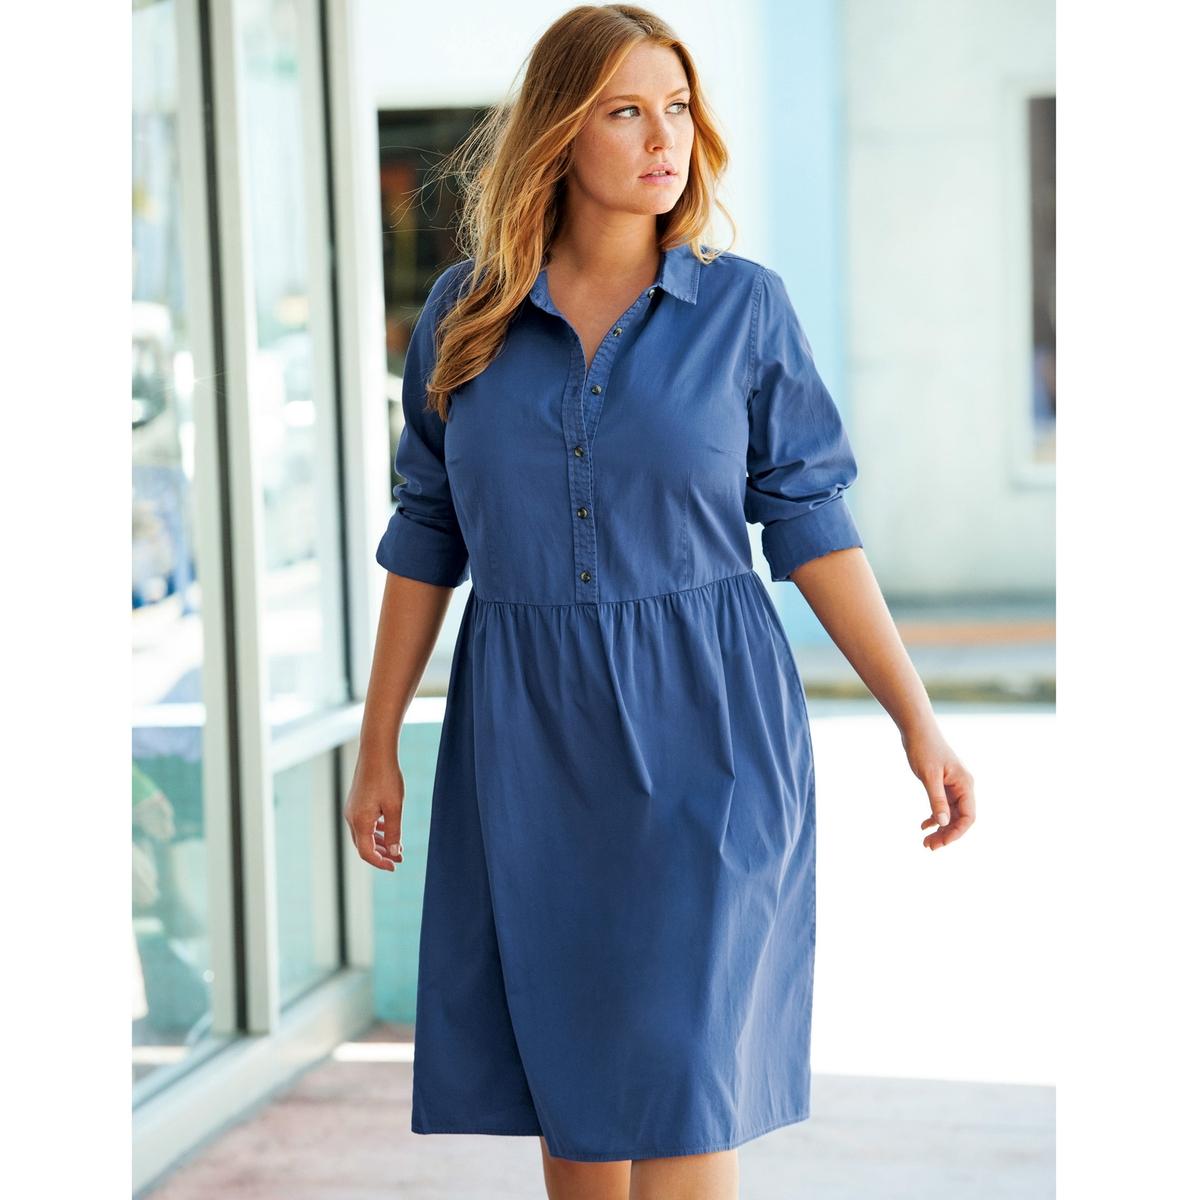 Платье-рубашкаПлатье-рубашка. Главный тренд этого сезона! Длинные рукава. Застежка на пуговицы до талии. 100% хлопка. Длина 100 см.<br><br>Цвет: синий<br>Размер: 58 (FR) - 64 (RUS)